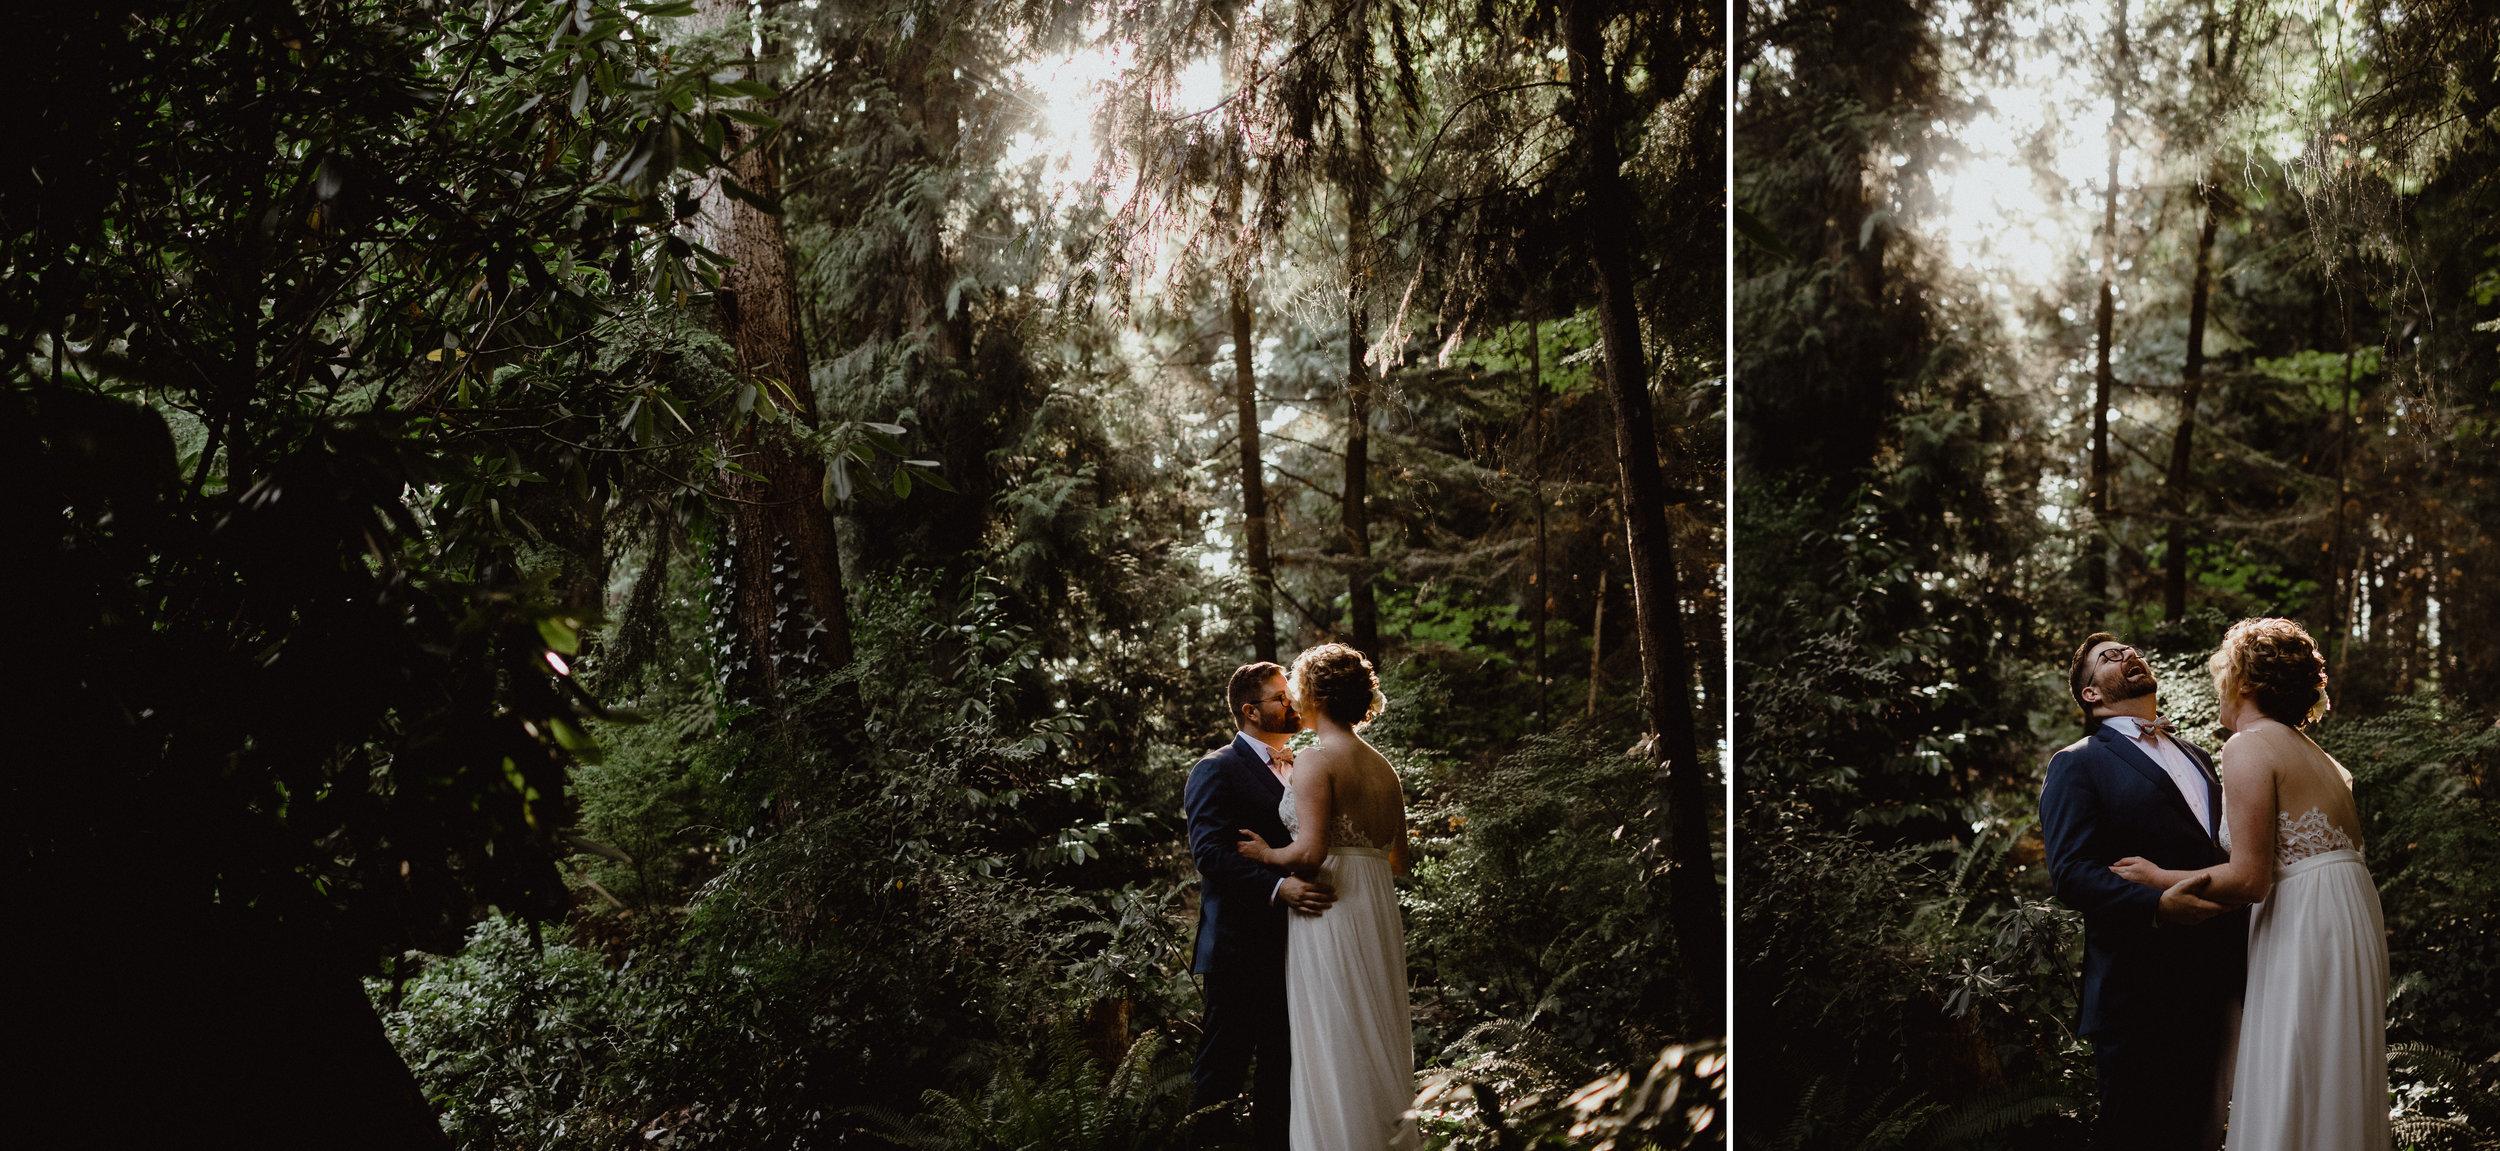 west-vancouver-backyard-wedding-192.jpg